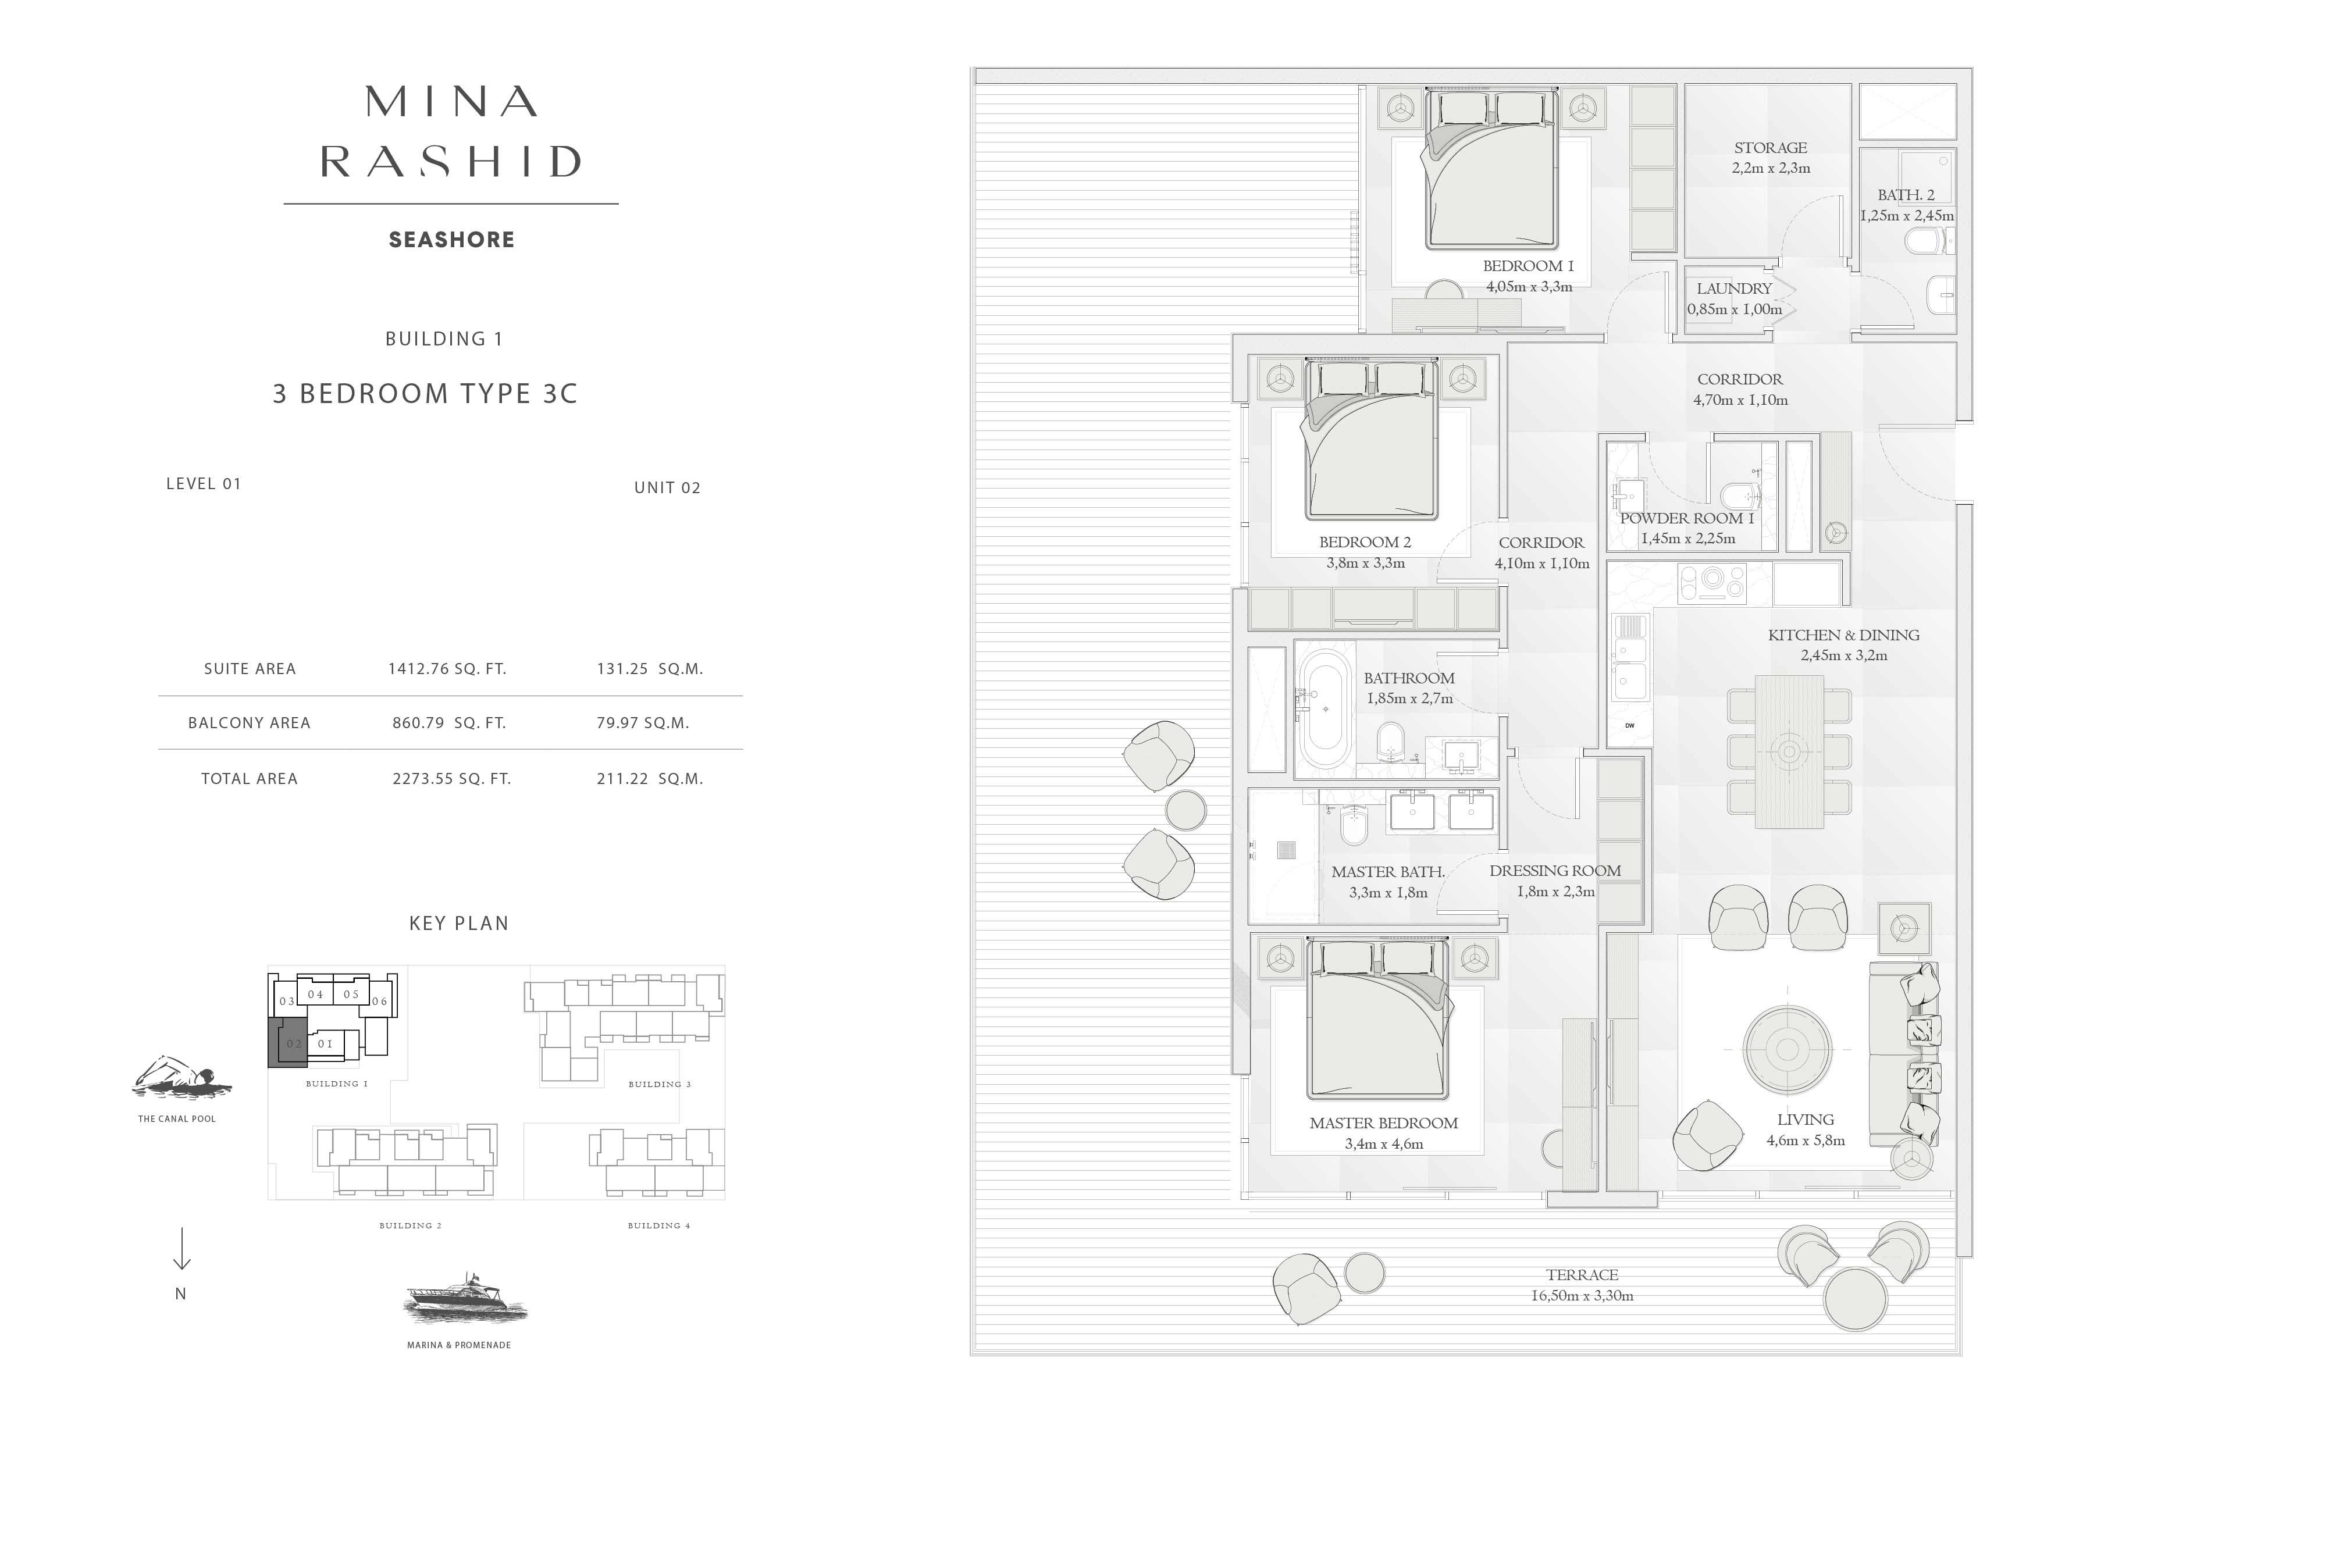 Building-1, 3-Bedroom Type-3C, Size-2273-Sq Ft